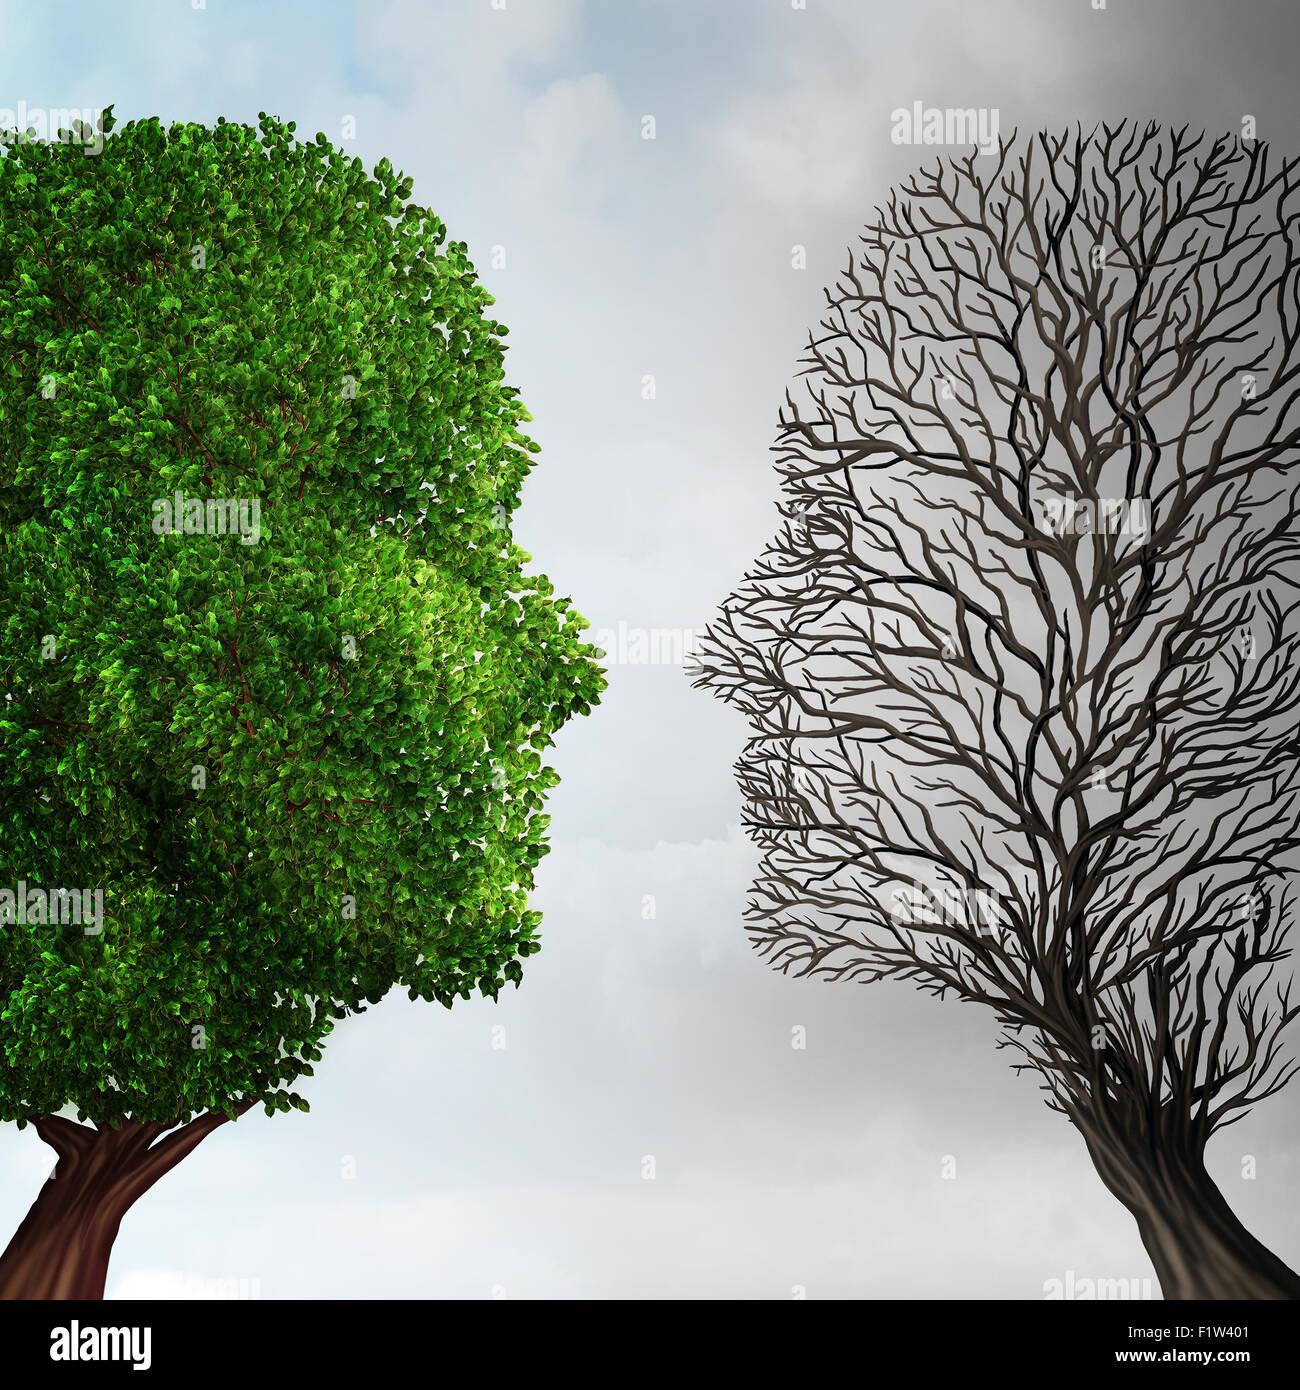 Soziale Ökologie und Umwelt ändern oder globale Erwärmung Umweltkonzept als Szene schneiden Sie in Stockbild